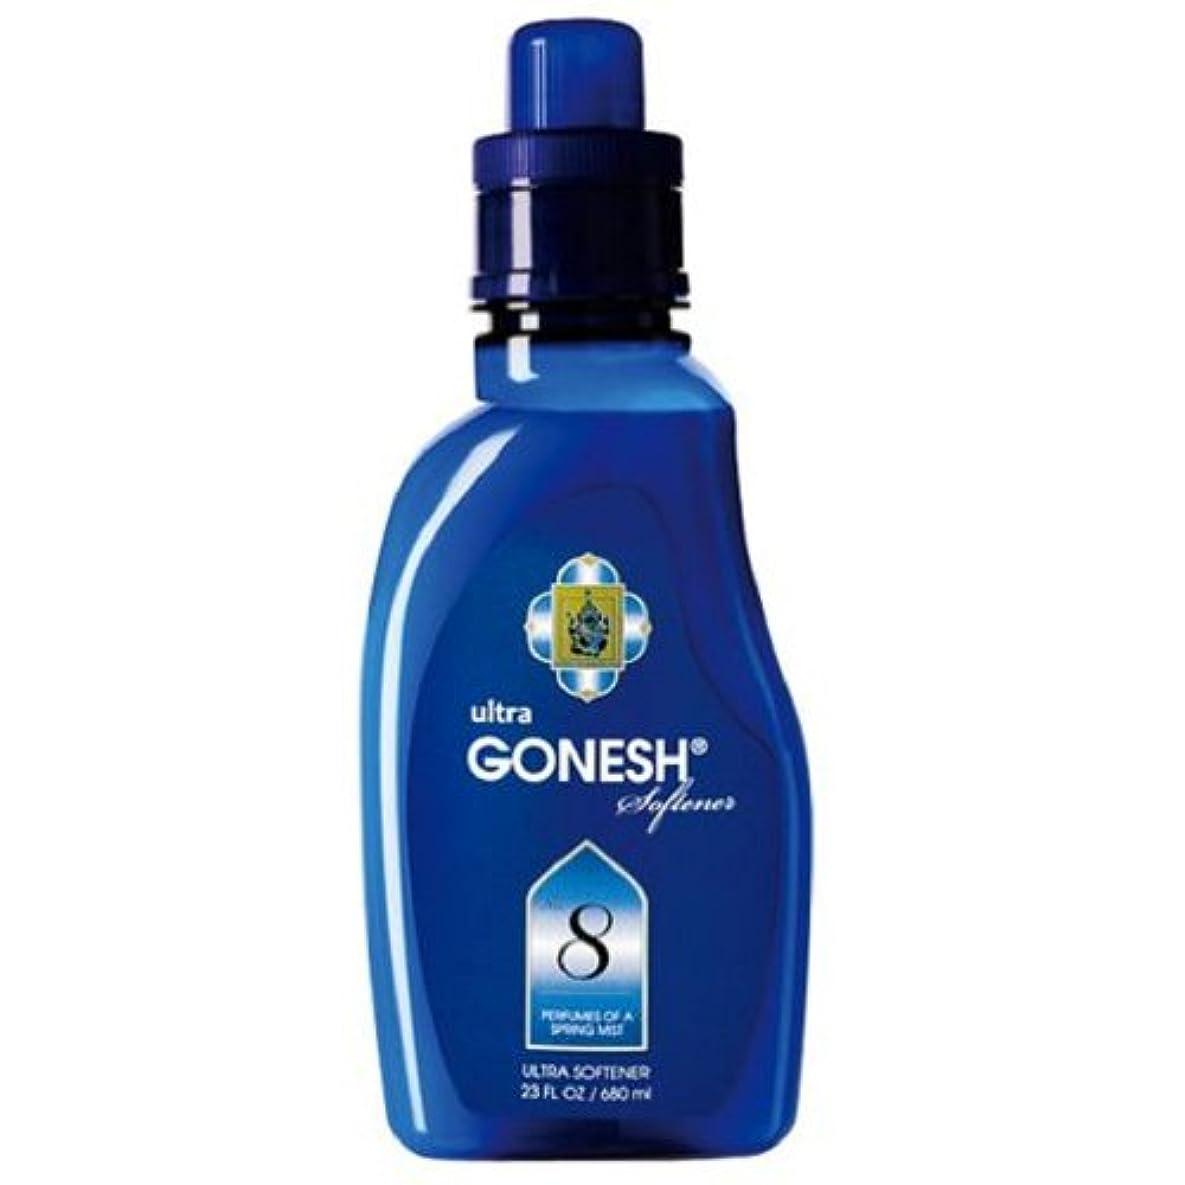 報復する学ぶ体操選手GONESH(ガーネッシュ)ウルトラソフナー NO.8 680ml 柔軟剤 (ほのかに甘いフルーツ系の香り)